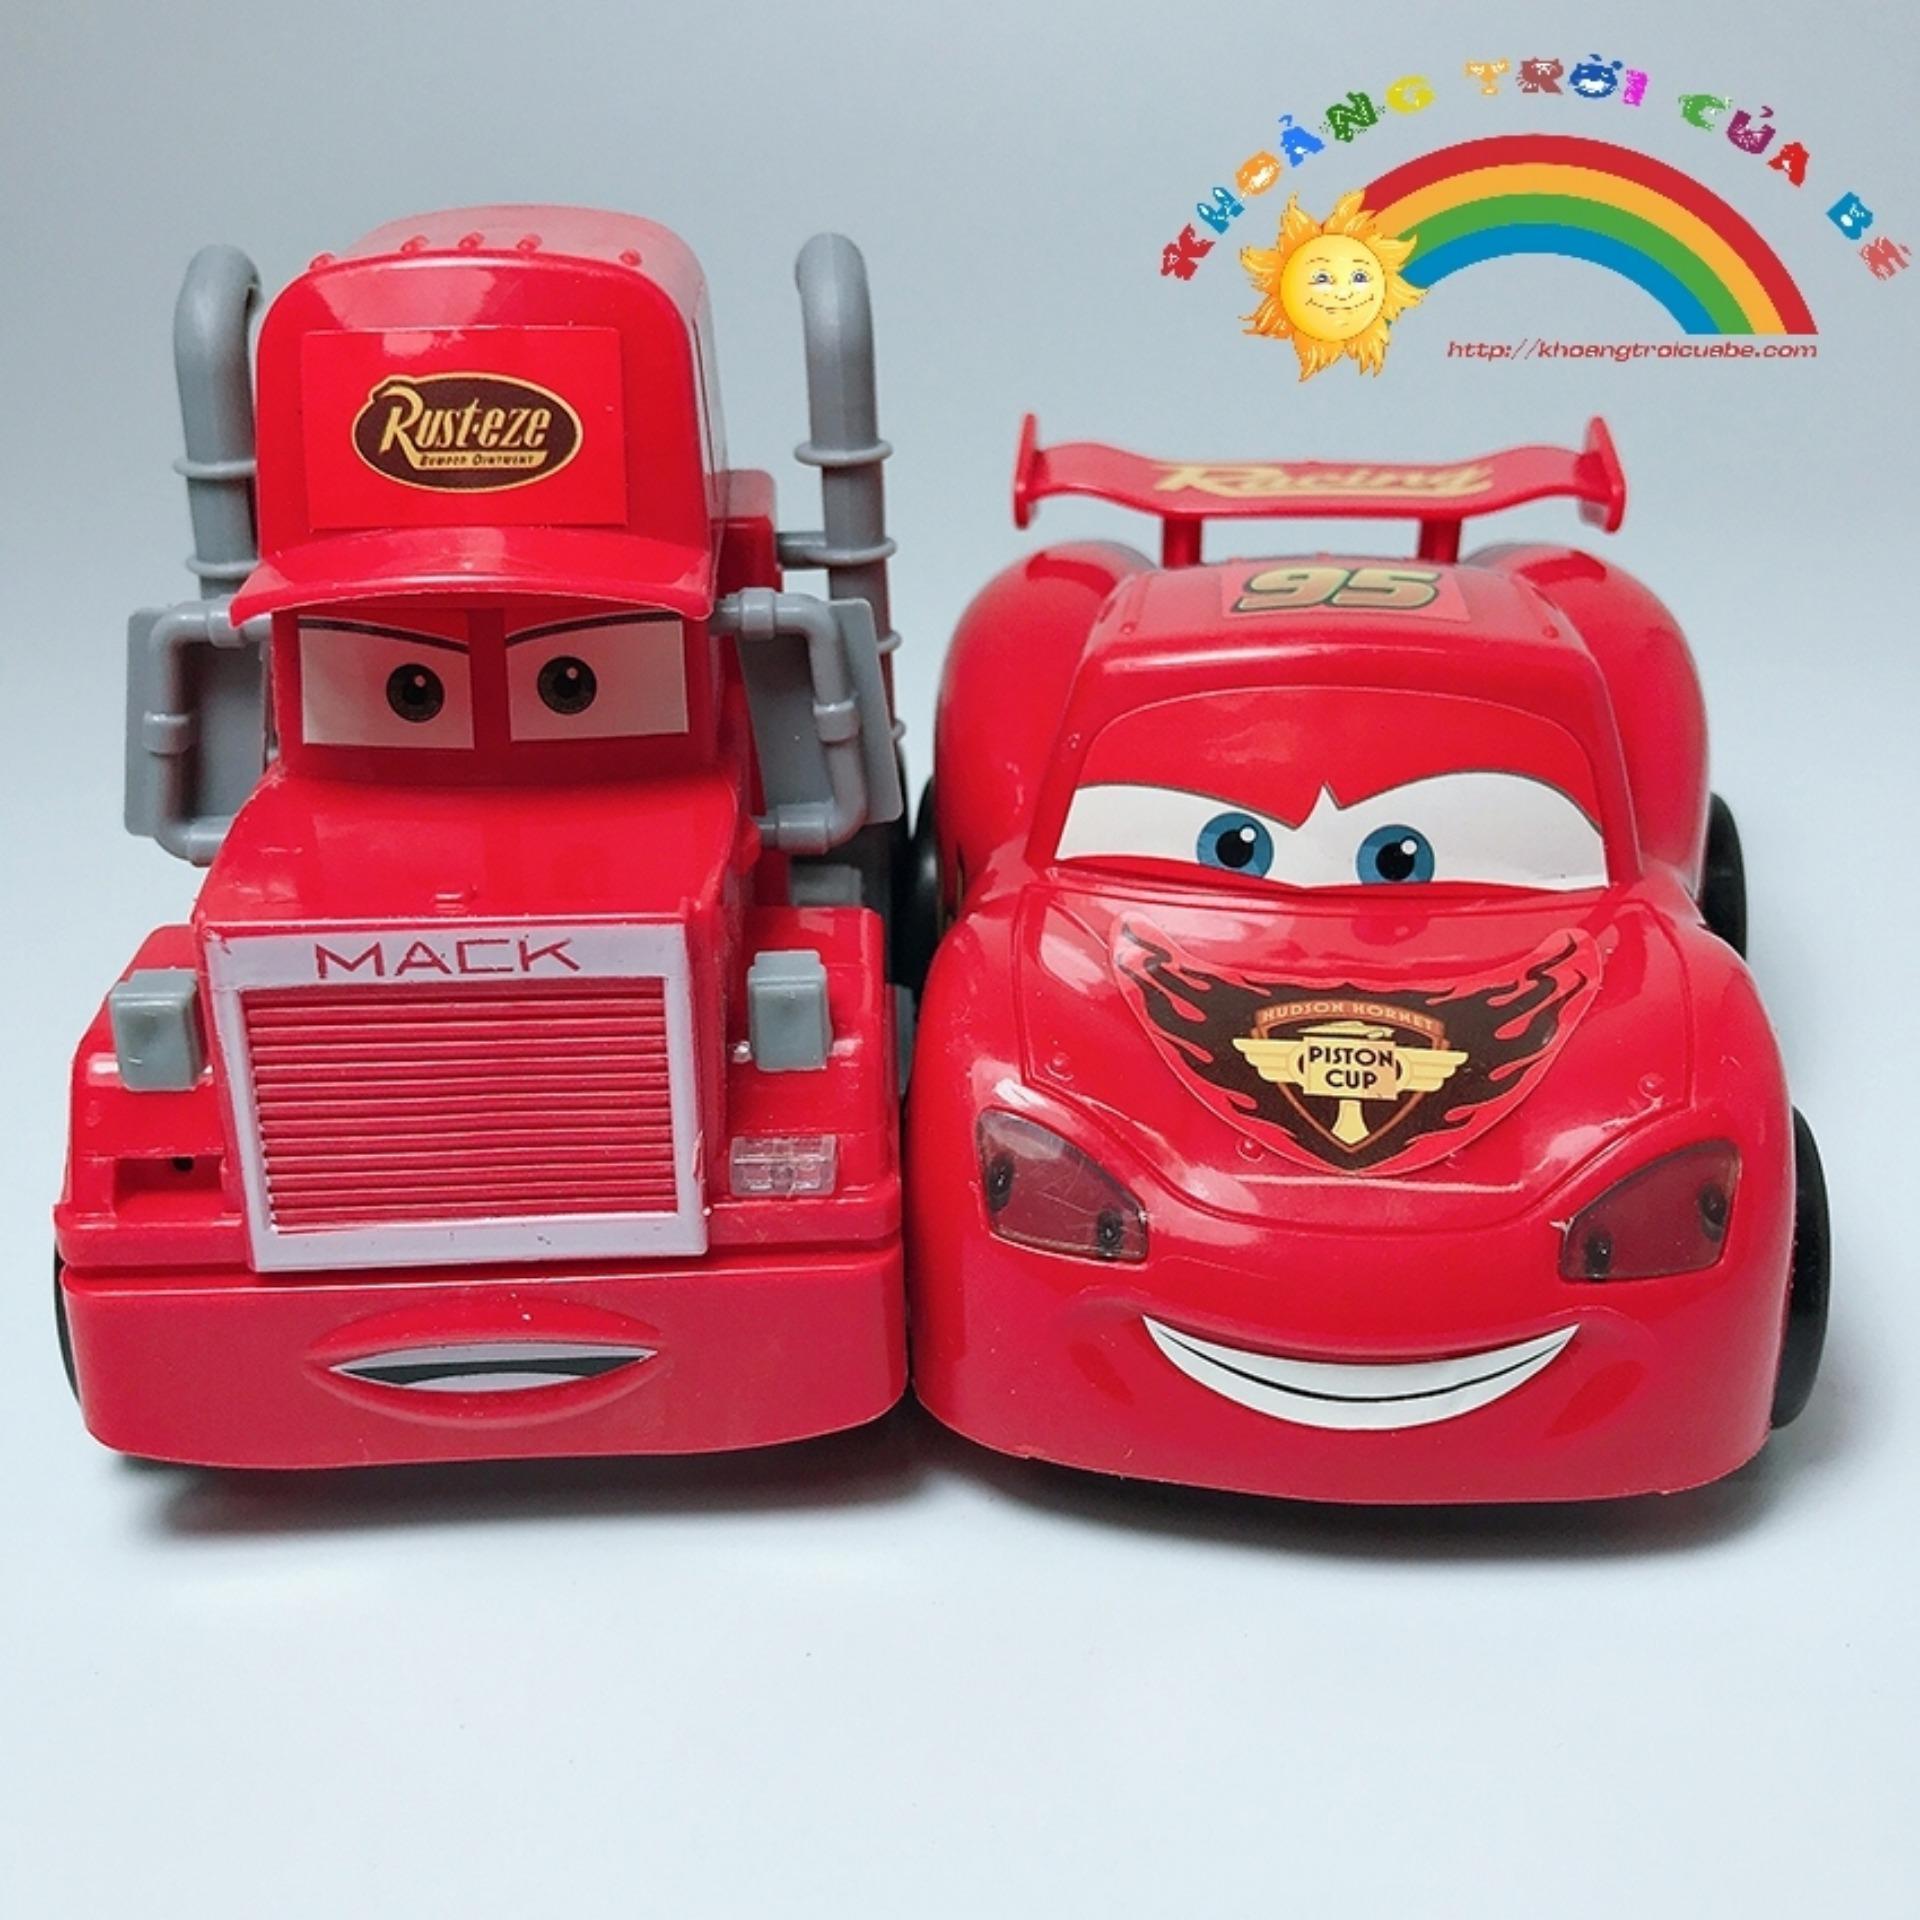 Hình ảnh Mô hình 2 xe McQueen Racing Car KA60